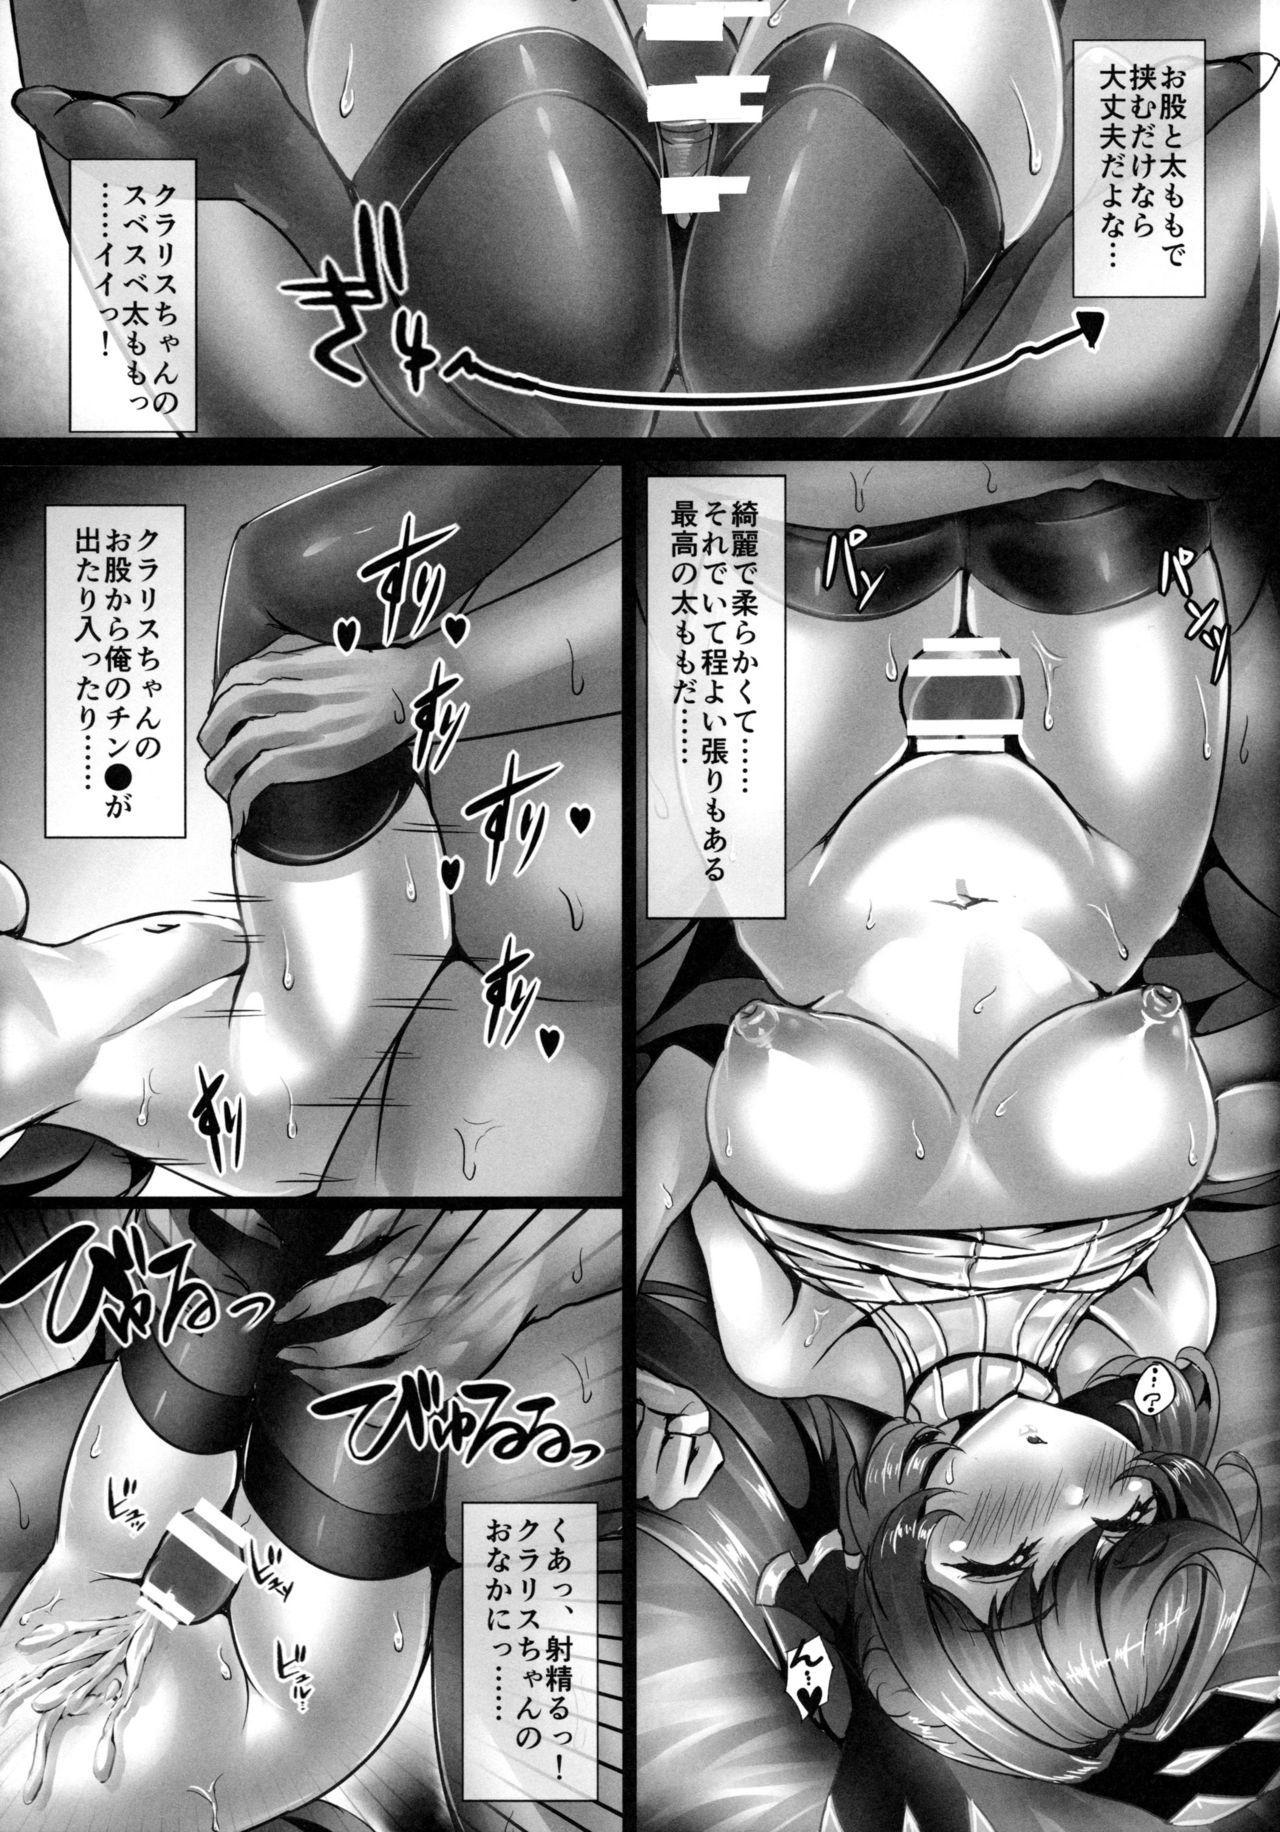 Toaru Renkinjutsushi no Shukuhaku Nisshi 11